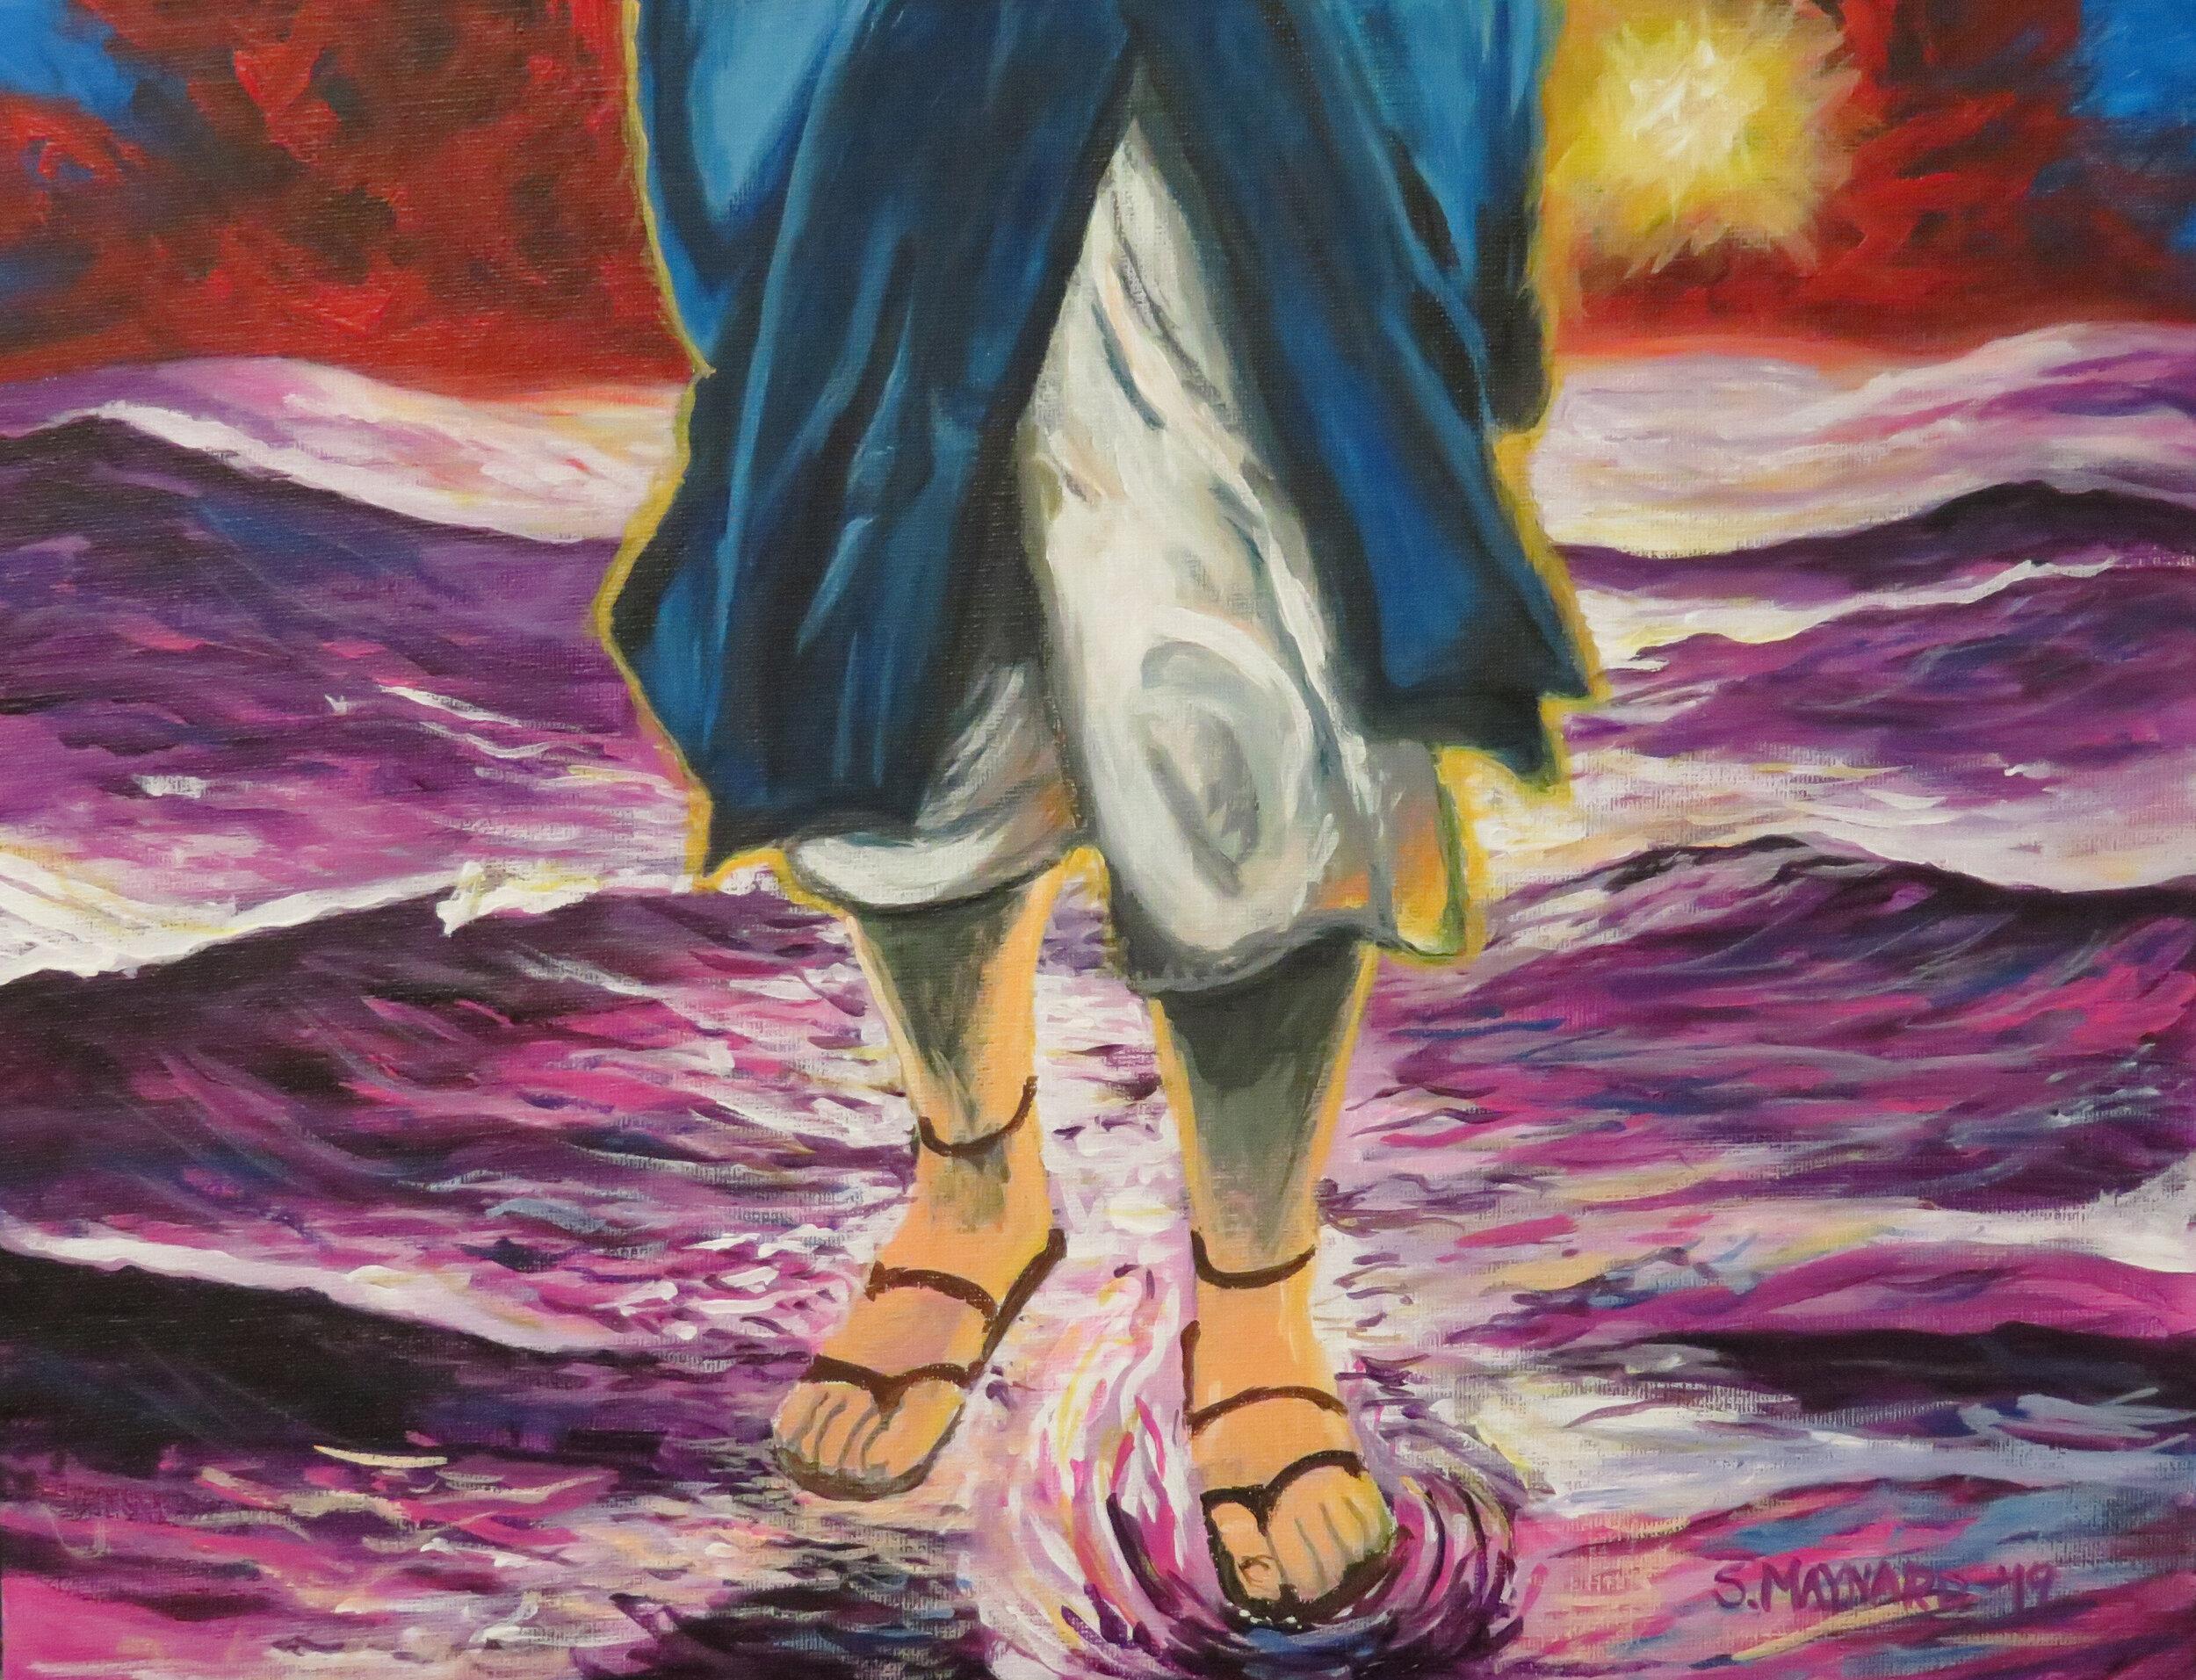 Jesus Walks on Water 09132019 Cropped.jpg